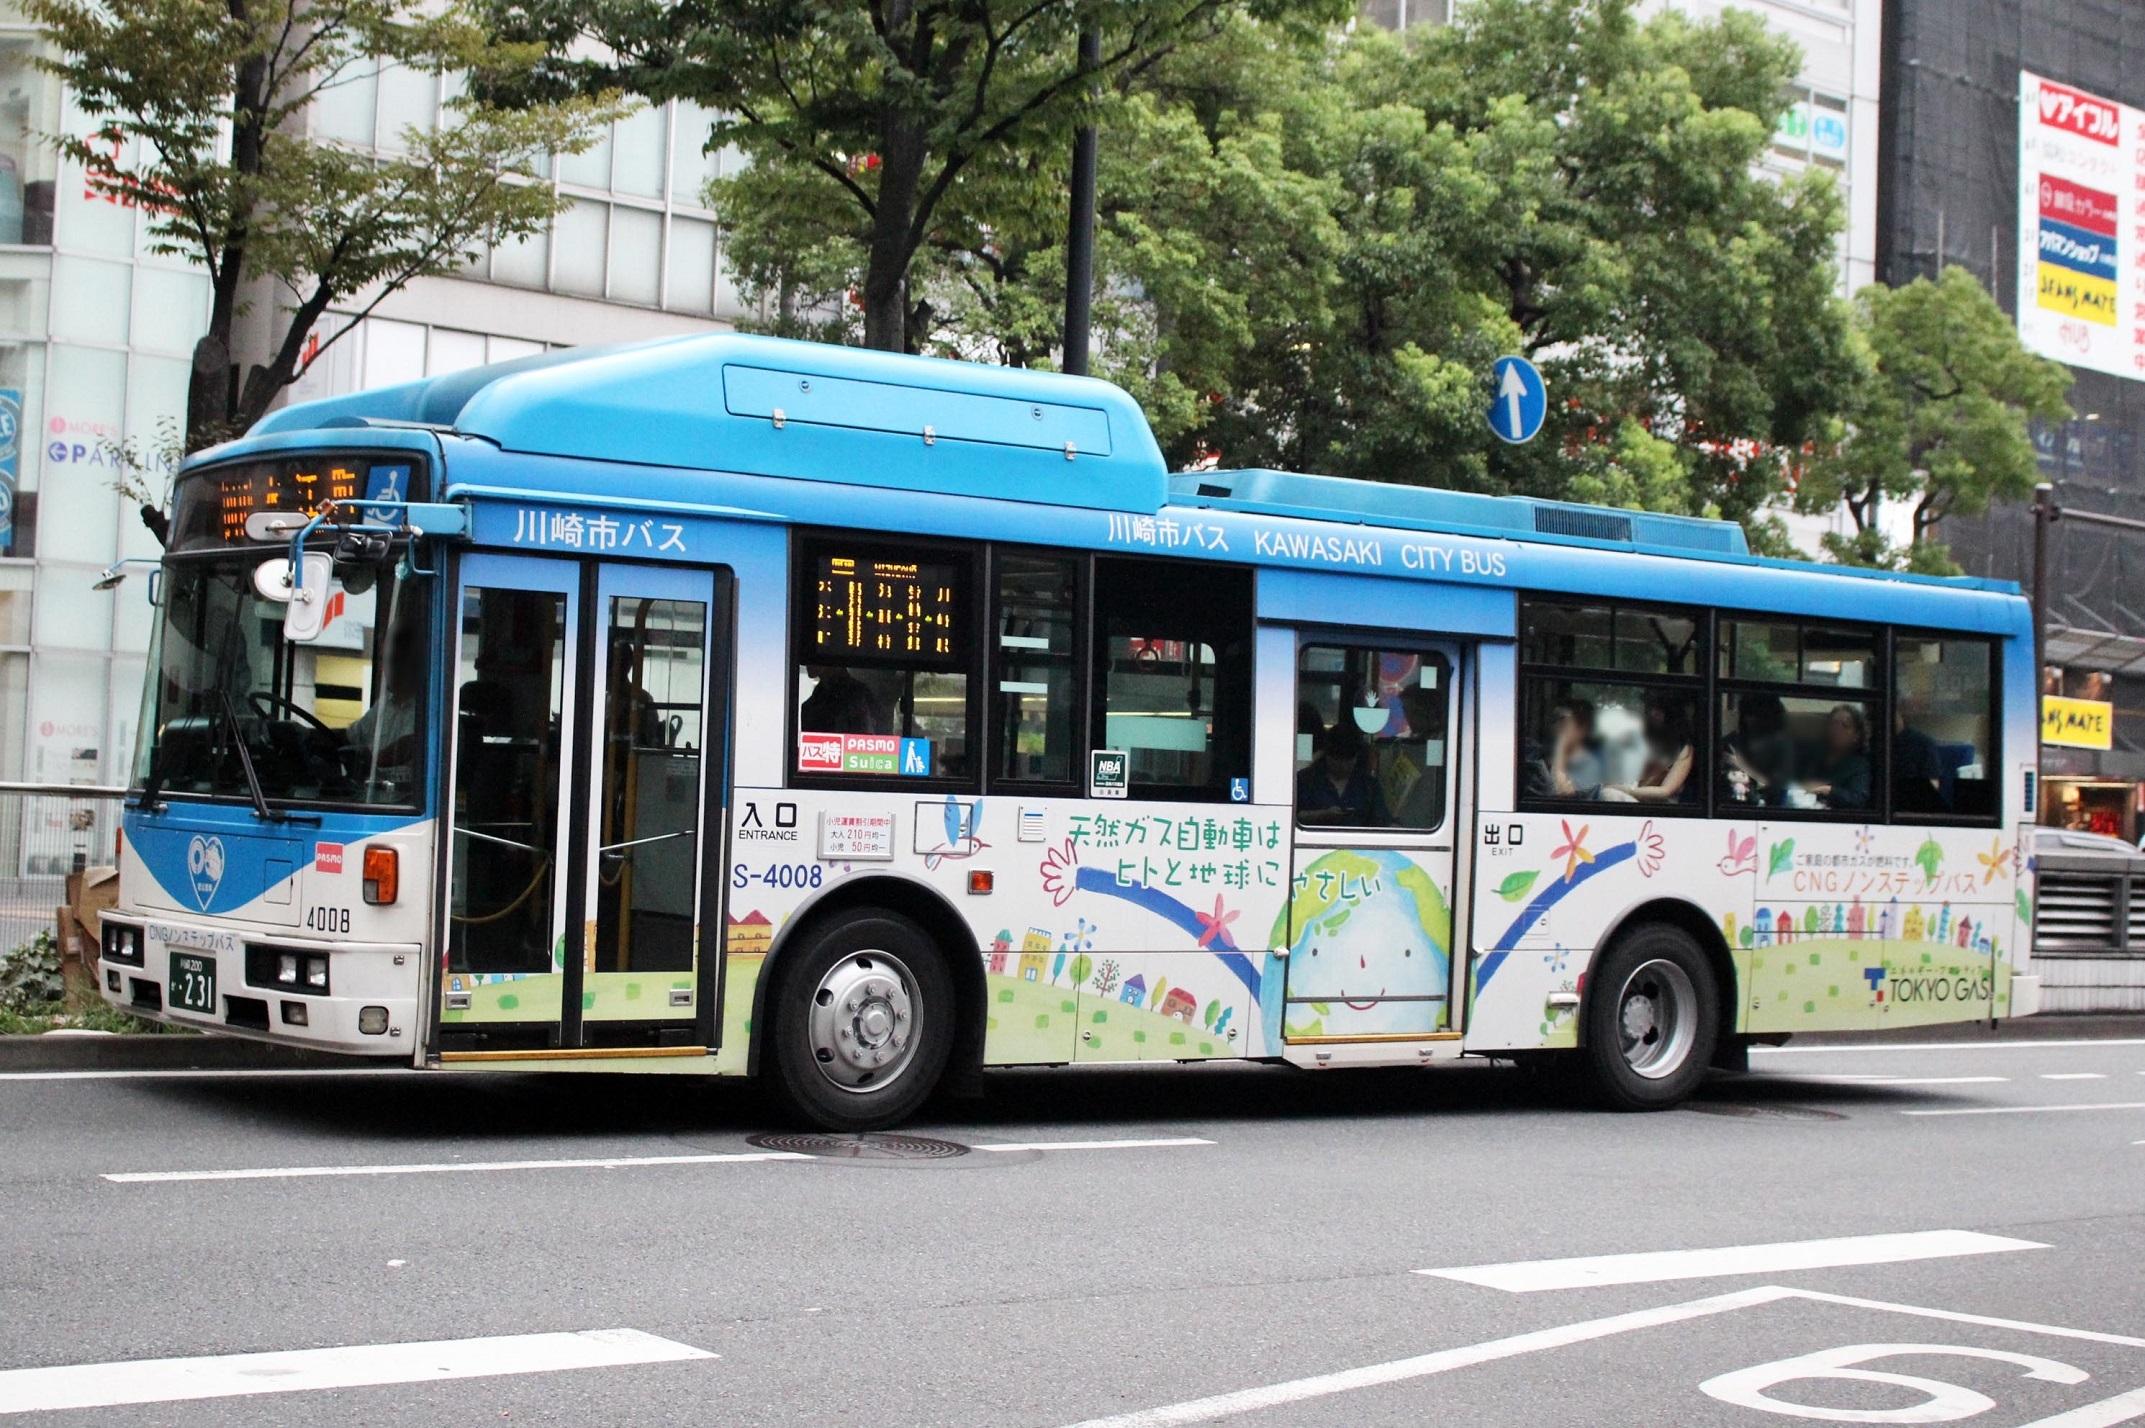 川崎市交通局 S-4008